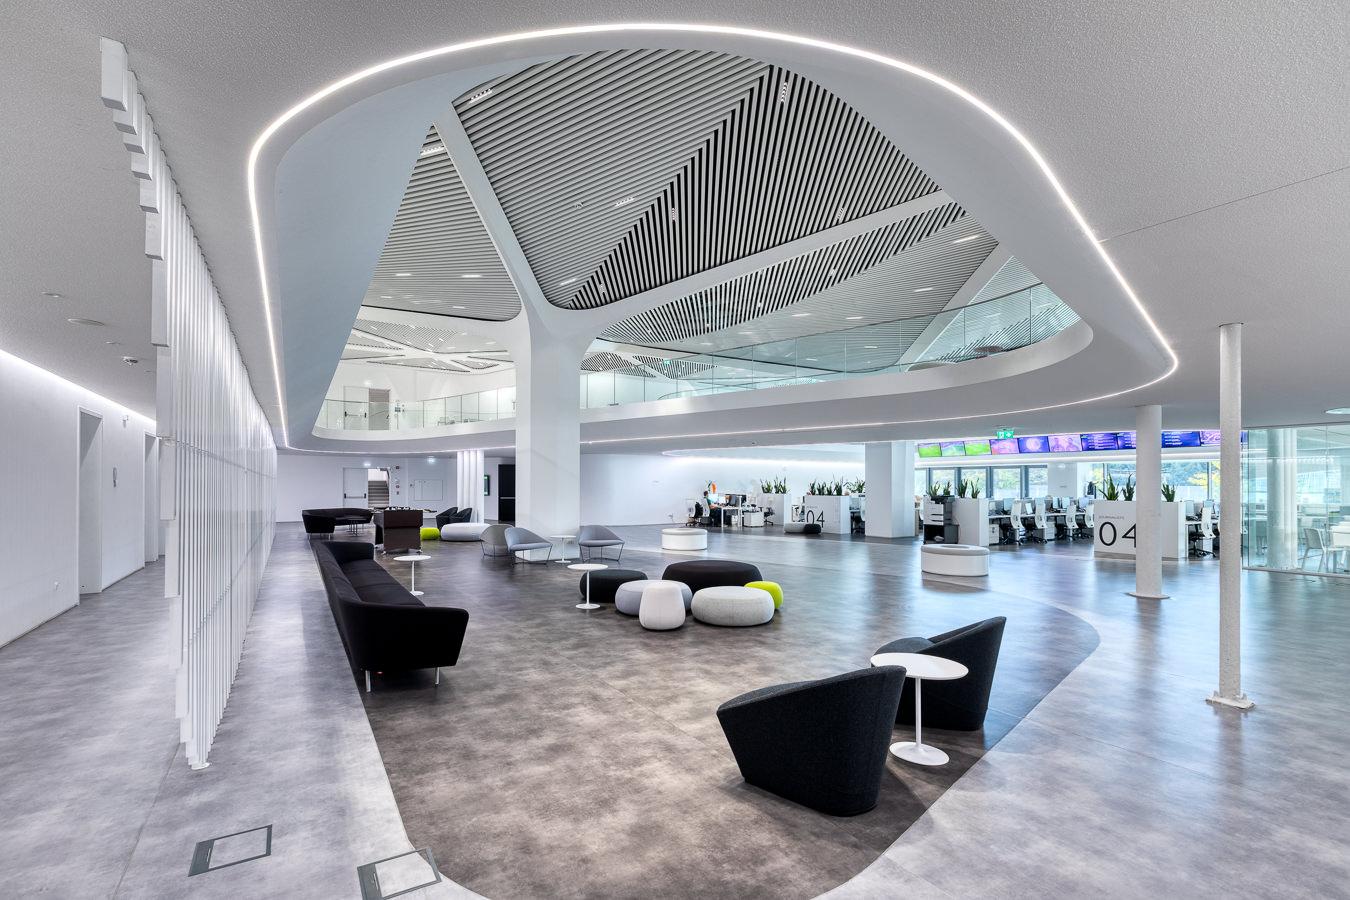 Cosmote TV, Headquarters, Γιώργος Φάκαρος - Αρχιτεκτονική Φωτογραφία | Εσωτερικοί Χώροι | Φωτογραφία Ξενοδοχειών - Photography / Φωτογραφία